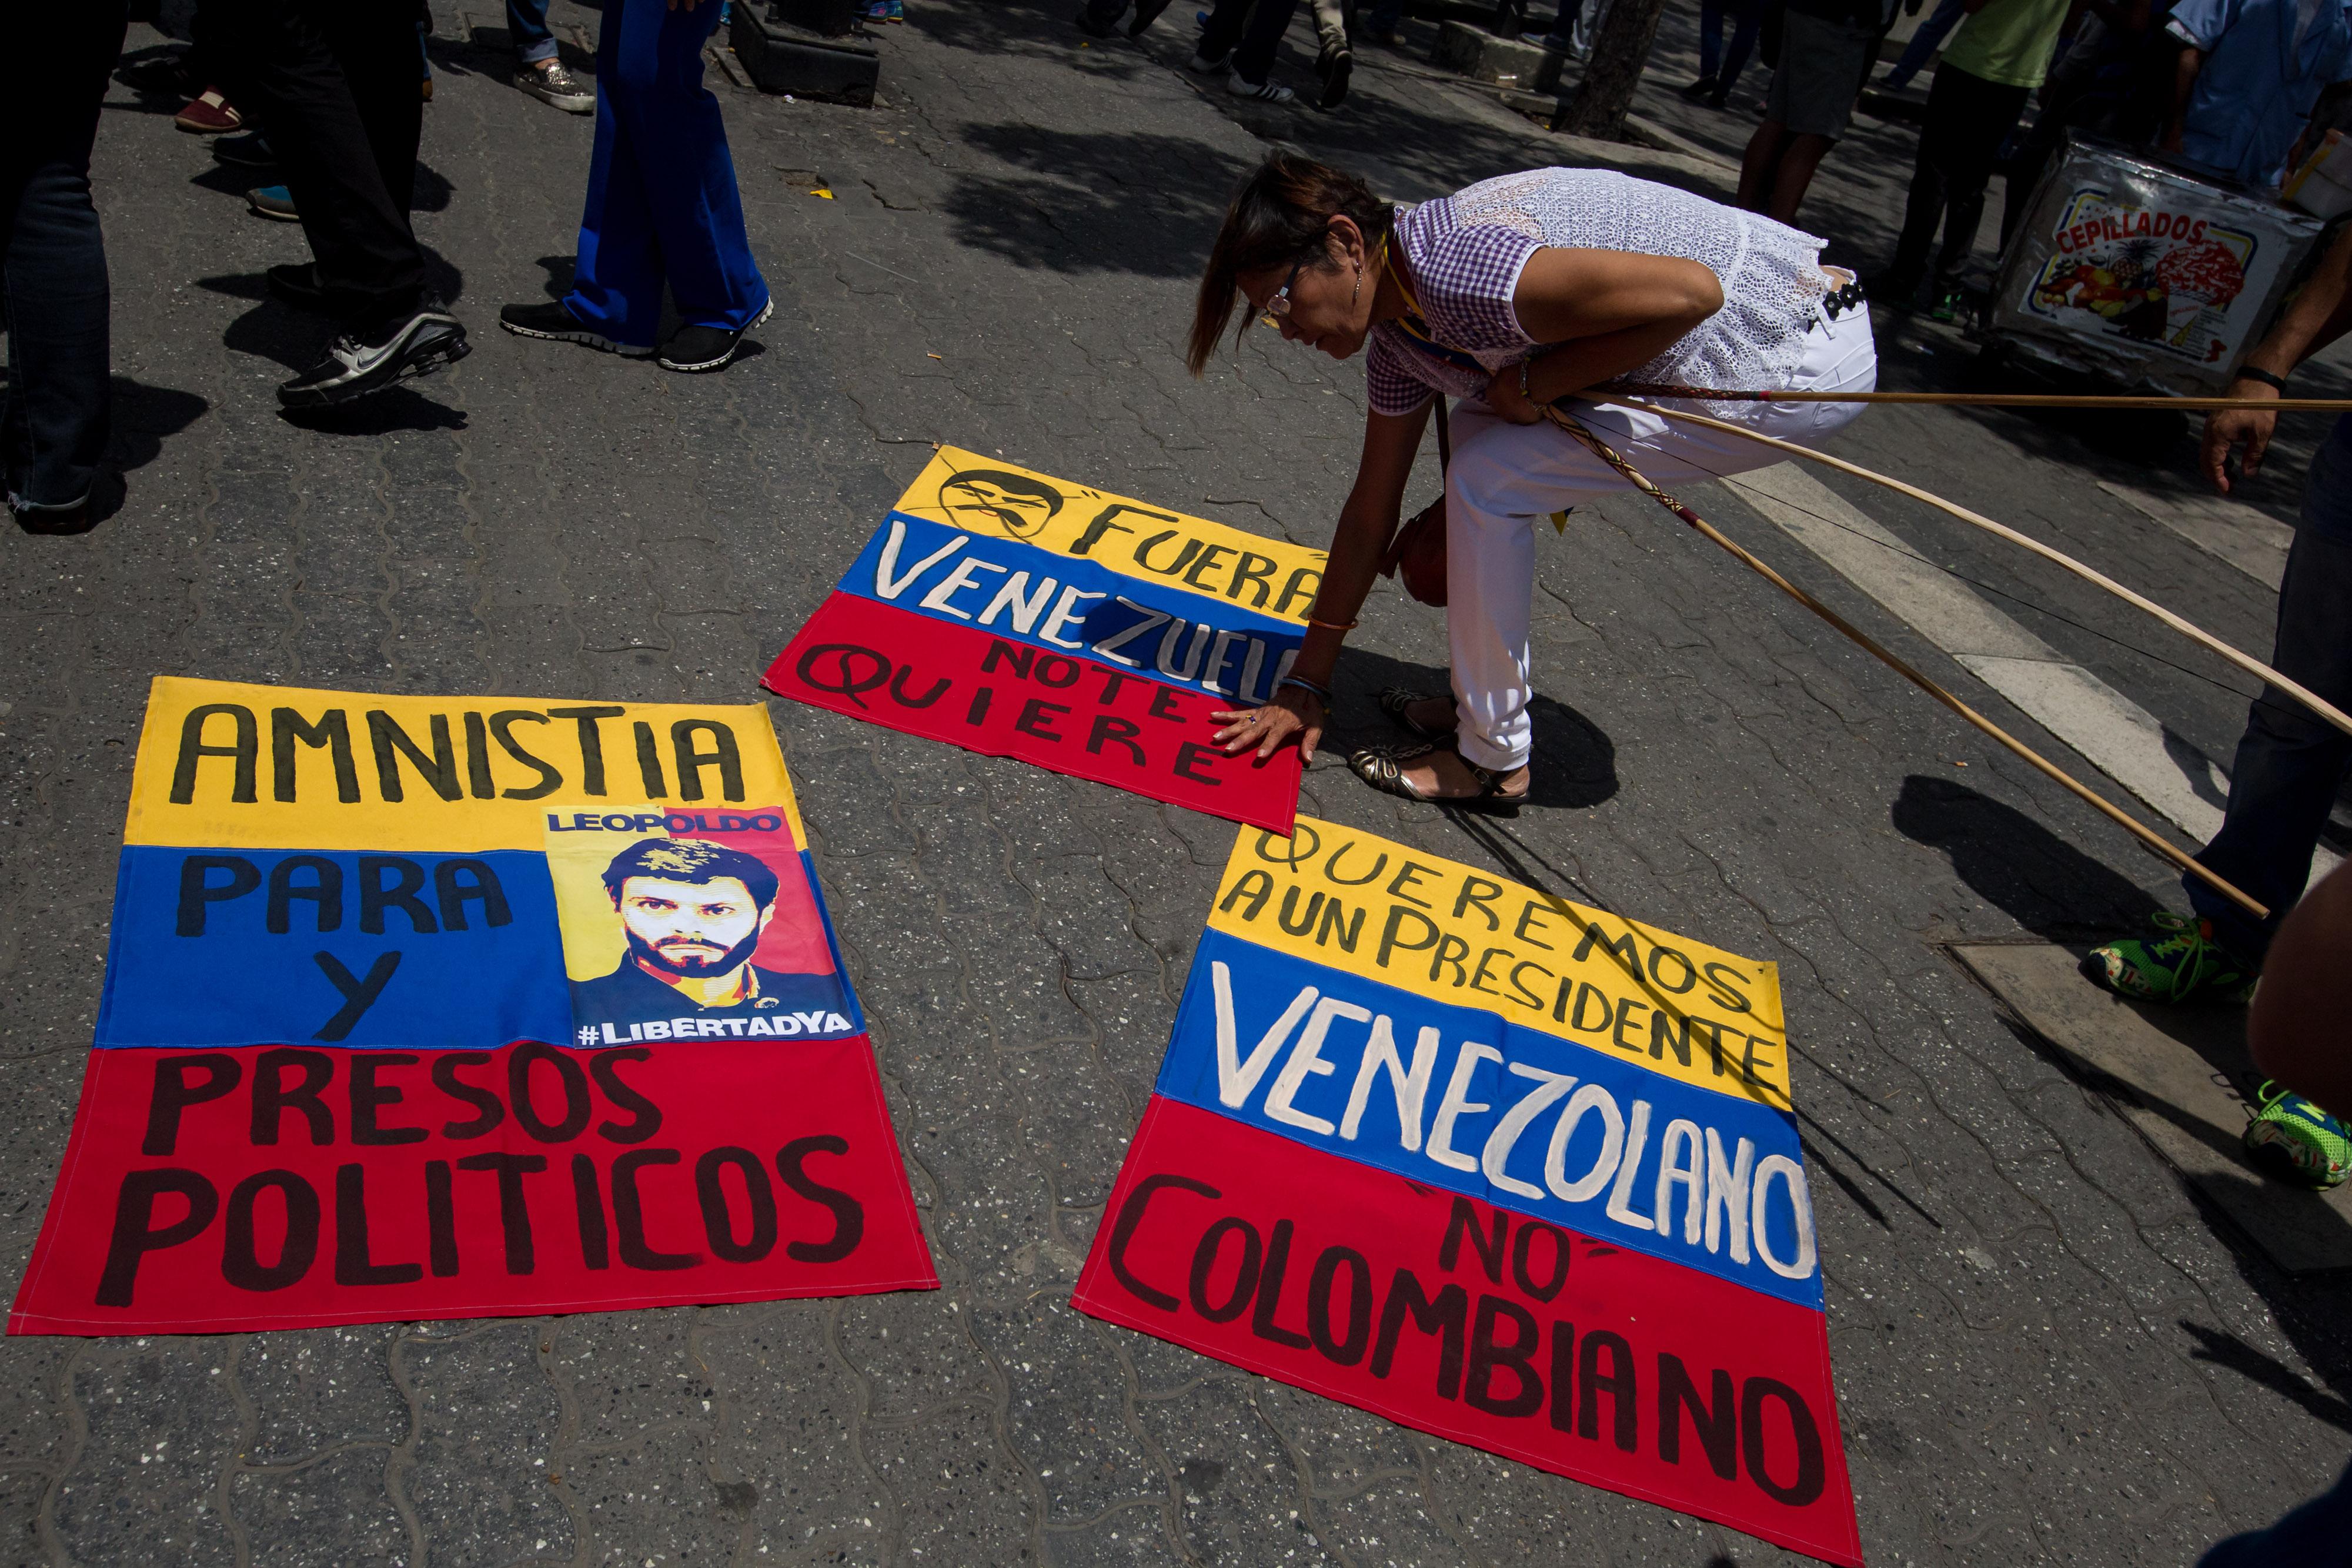 CAR01. CARACAS (VENEZUELA), 27/04/2016.- Personas participan hoy, miércoles 27 de abril de 2016, en el acto de recolección de firmas para activar el proceso revocatorio al mandato del presidente de Venezuela Nicolás Maduro en la ciudad de Caracas (Venezuela). La oposición venezolana dijo hoy que espera que el referendo para revocar el mandato del presidente Nicolás Maduro se haga entre noviembre y diciembre próximos, cálculo que se realiza un día después de que el Consejo Nacional Electoral (CNE) diera el formato de recolección de firmas para su activación. EFE/MIGUEL GUTIÉRREZ